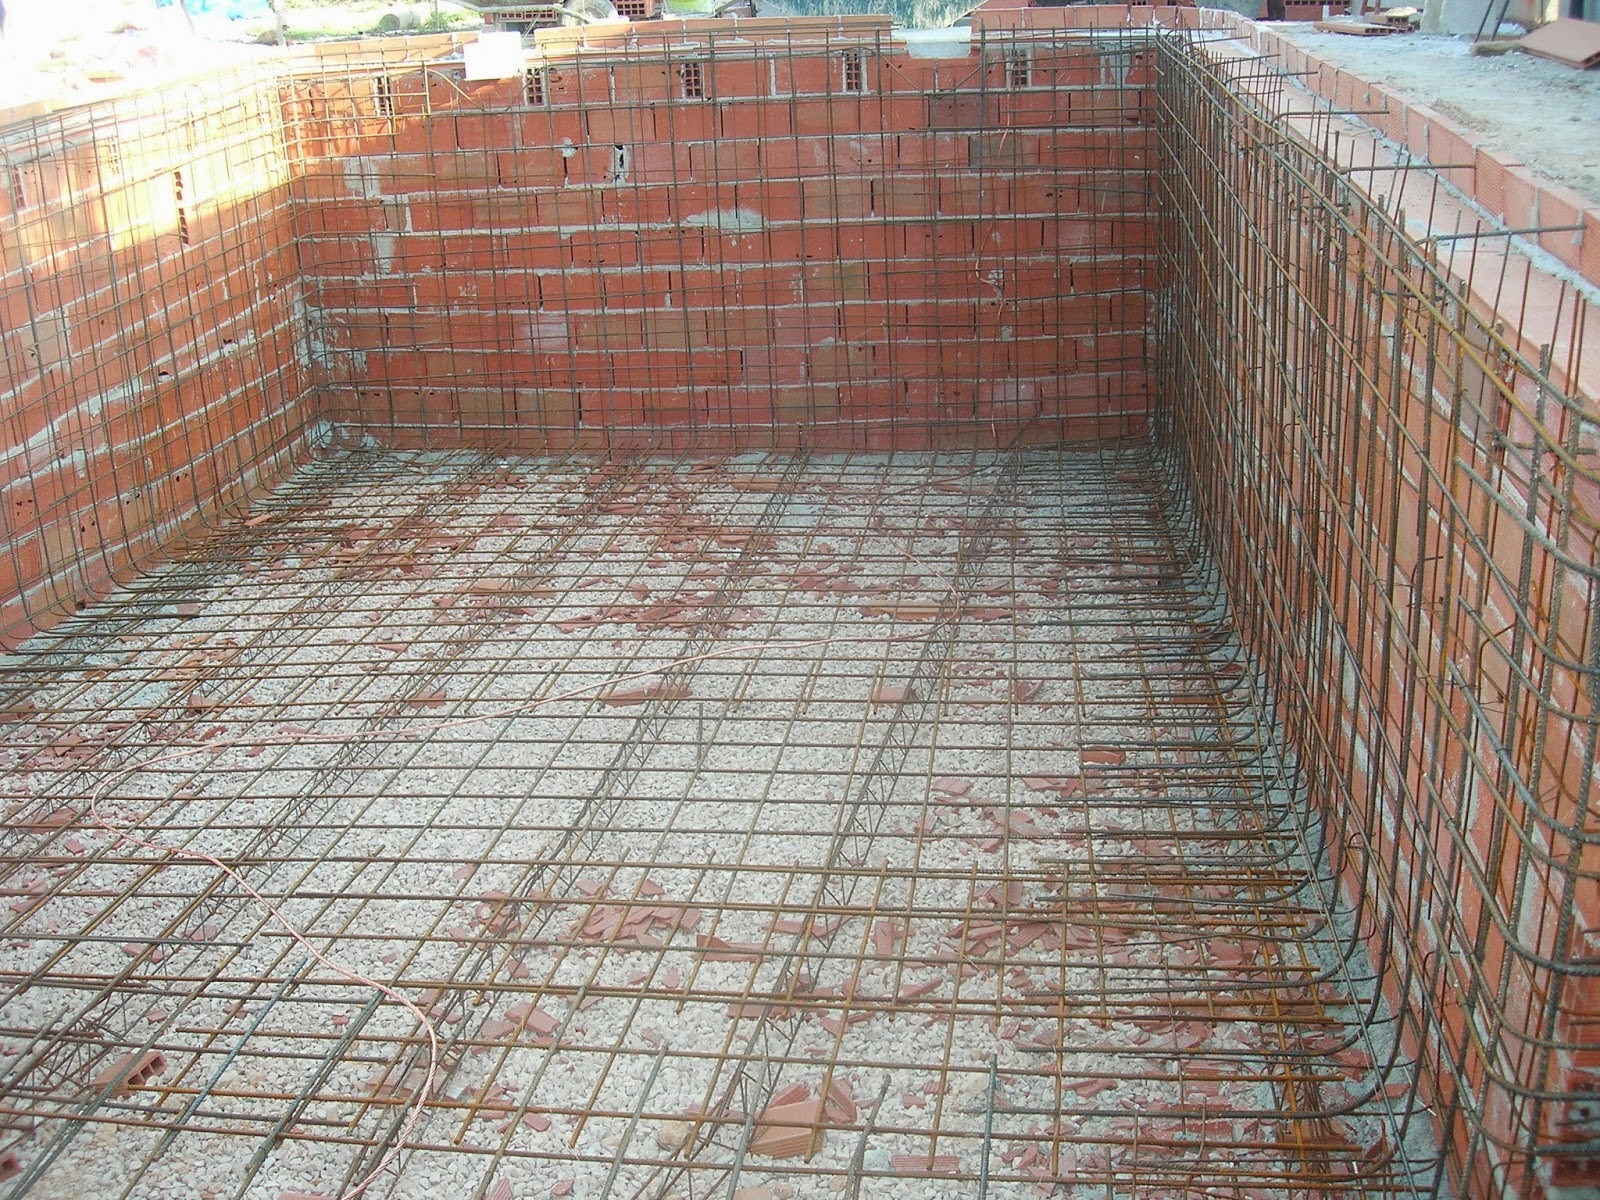 Construide ejecuci n de una piscina proceso y ejemplo for Como se construye una alberca paso a paso